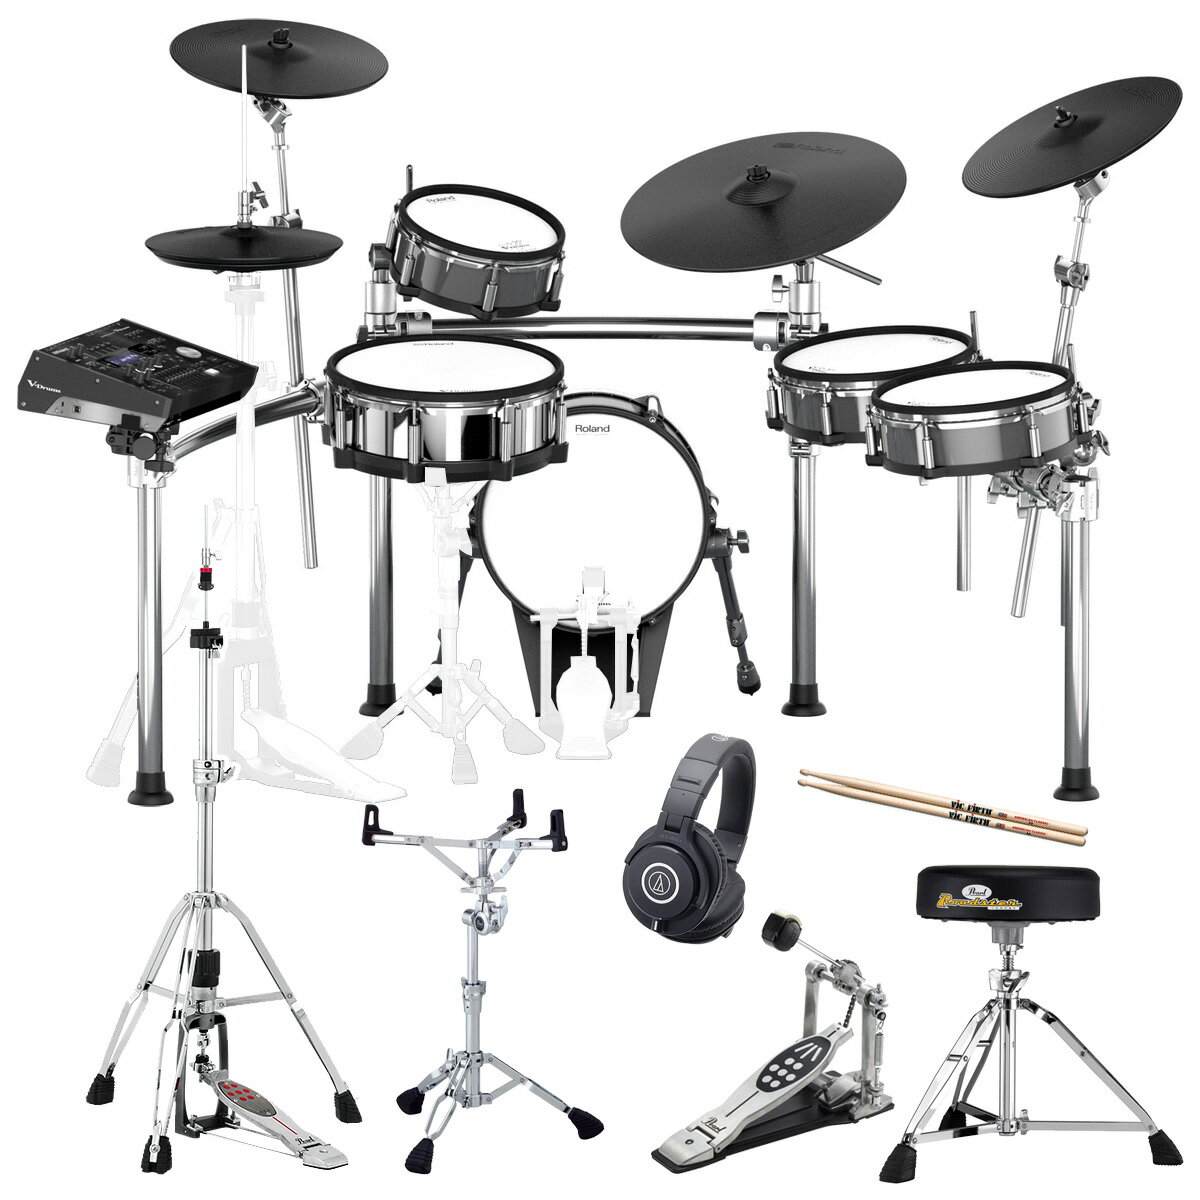 【タイムセール:29日12時まで】Roland Drum System TD-50KV KD-140-BC MDS-50KV PEARL製オプションセット【YRK】